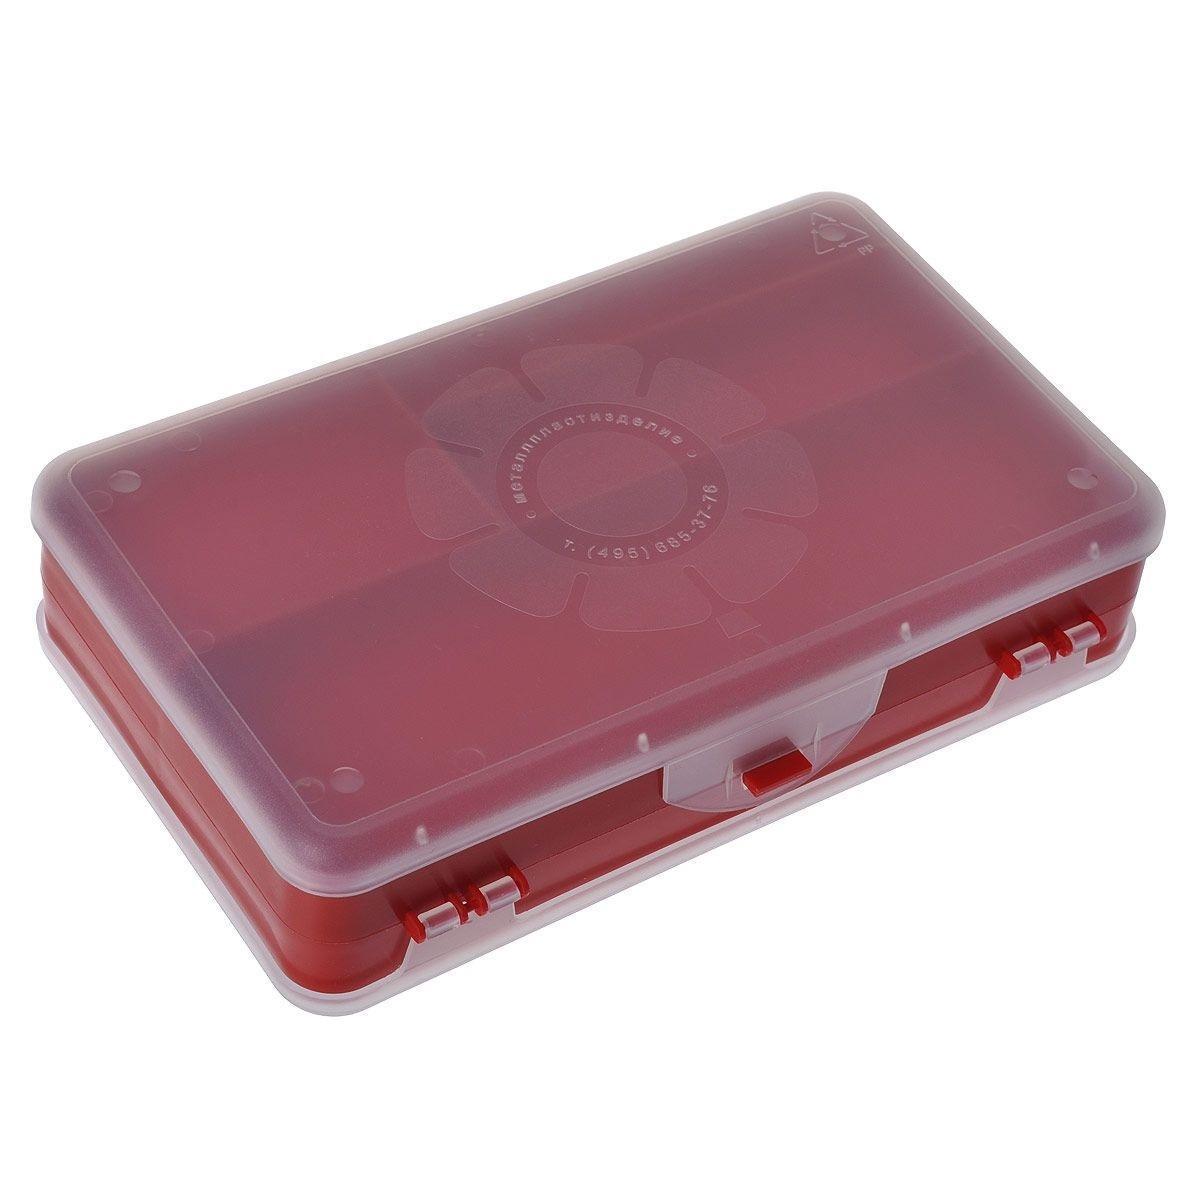 Шкатулка для мелочей Айрис, двухсторонняя, цвет: красный, прозрачный, 21,5 х 12,5 х 5 см 5337582000533758018Шкатулка для мелочей изготовлена из пластика. Шкатулка двухсторонняя, поэтому в ней можно хранить больше мелочей. Подходит для швейных принадлежностей, рыболовных снастей, мелких деталей и других бытовых мелочей. В одном отделении 4 секции, в другом - 5. Удобный и надежный замок-защелка обеспечивает надежное закрывание крышек. Изделие легко моется и чистится. Такая шкатулка поможет держать вещи в порядке.Размер самой большой секции: 21 см х 6 см х 2,3 см.Размер самой маленькой секции: 13 см х 2,3 см х 2,3 см.